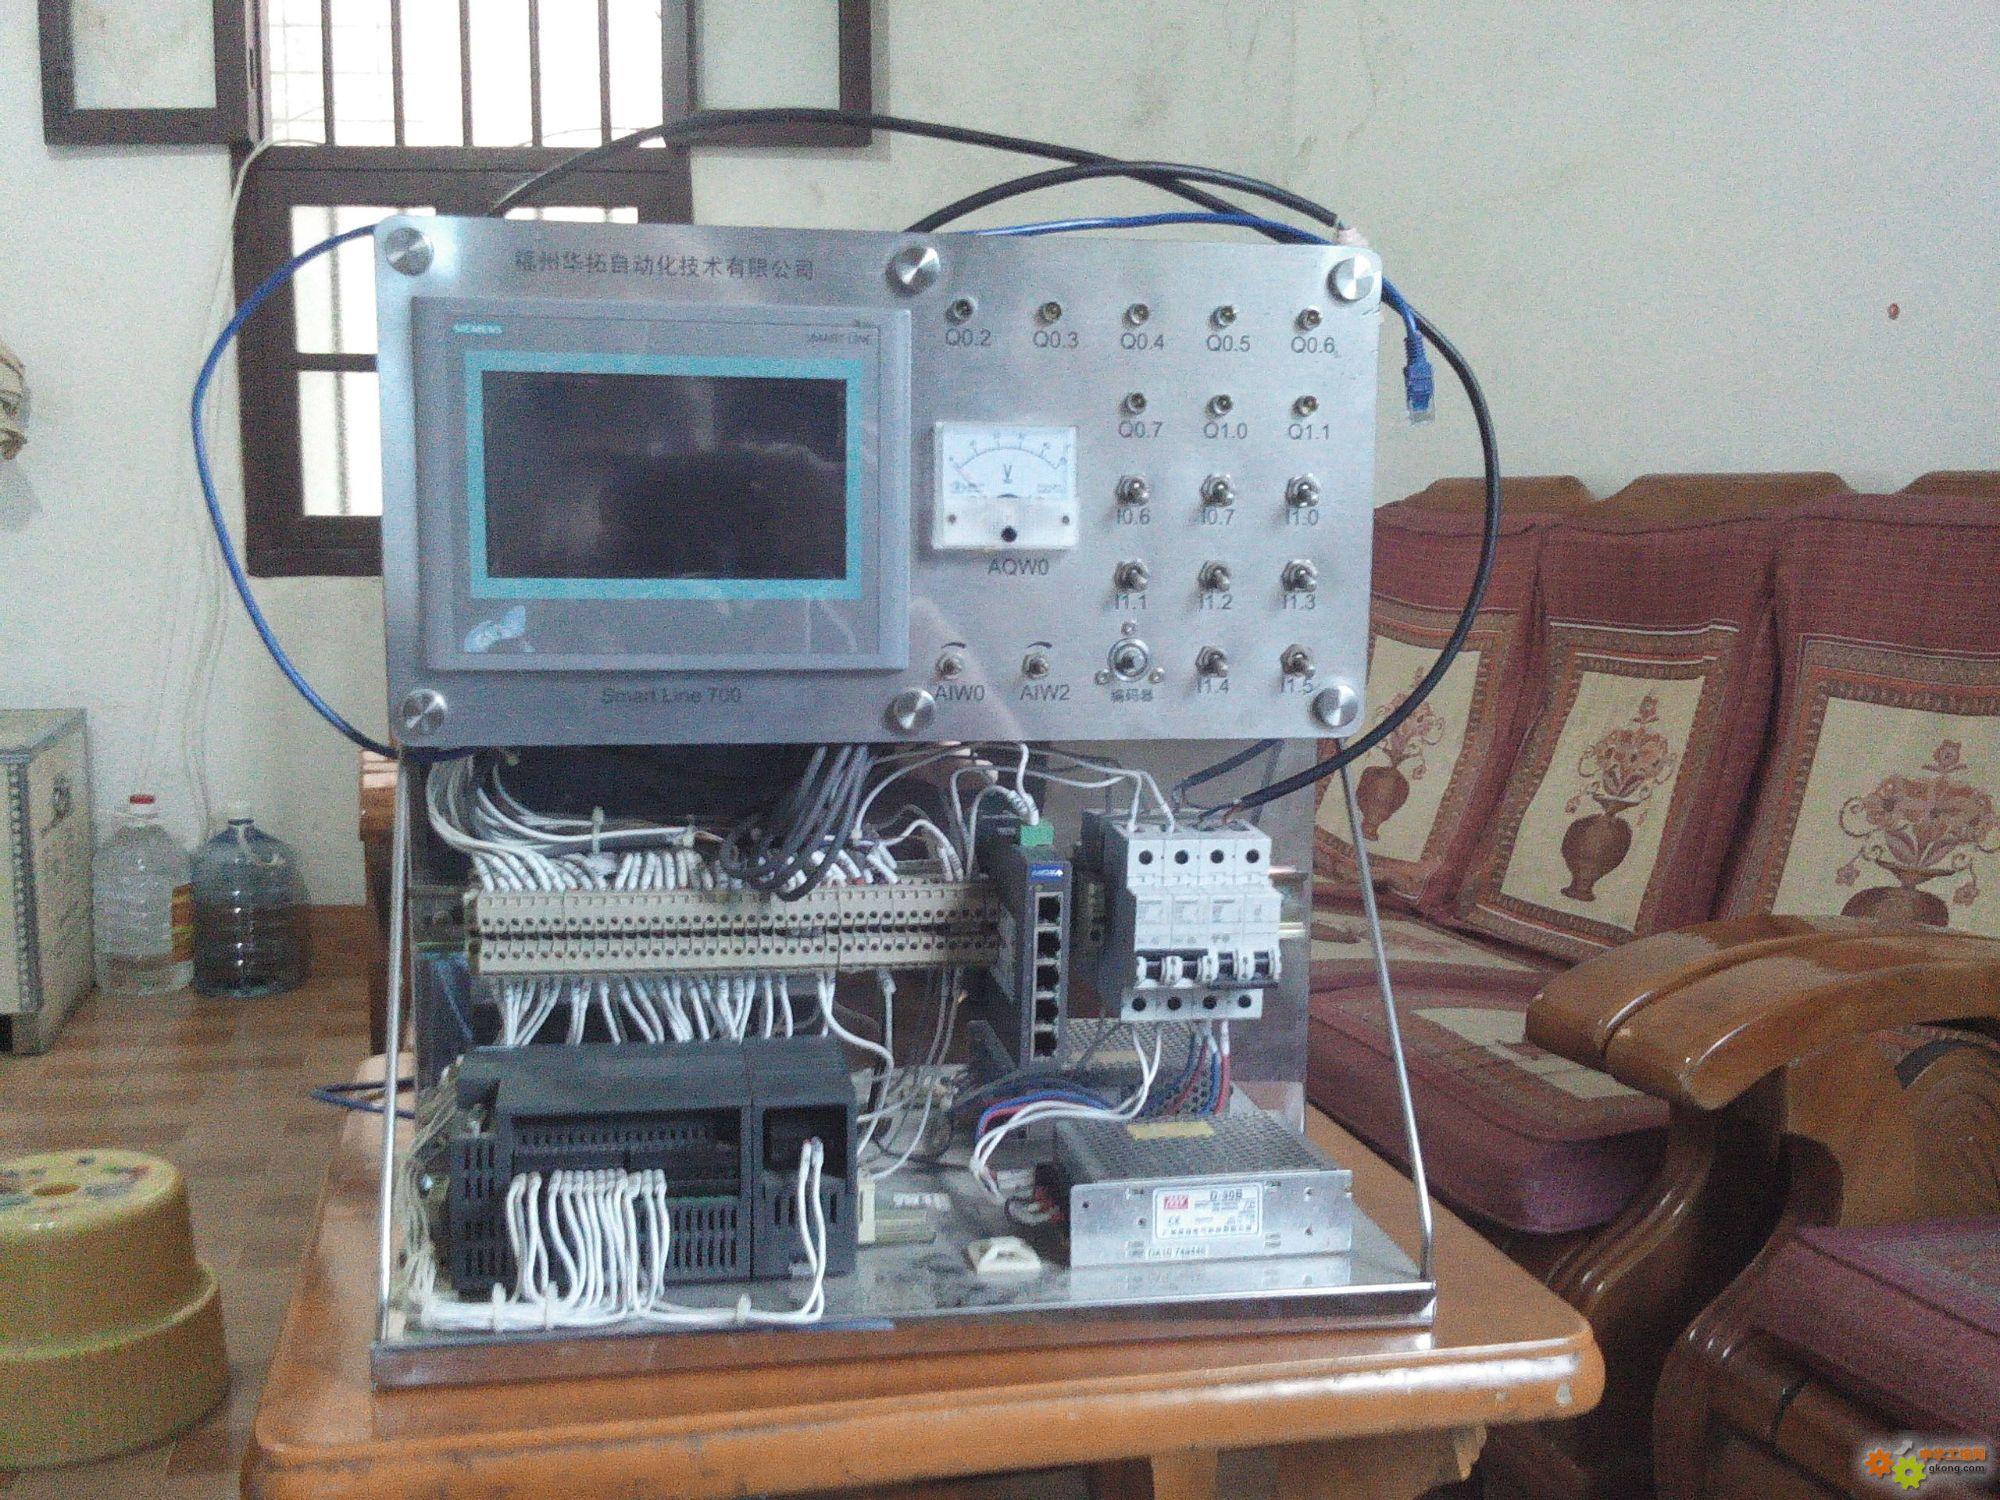 西门子s7-200 smart plc